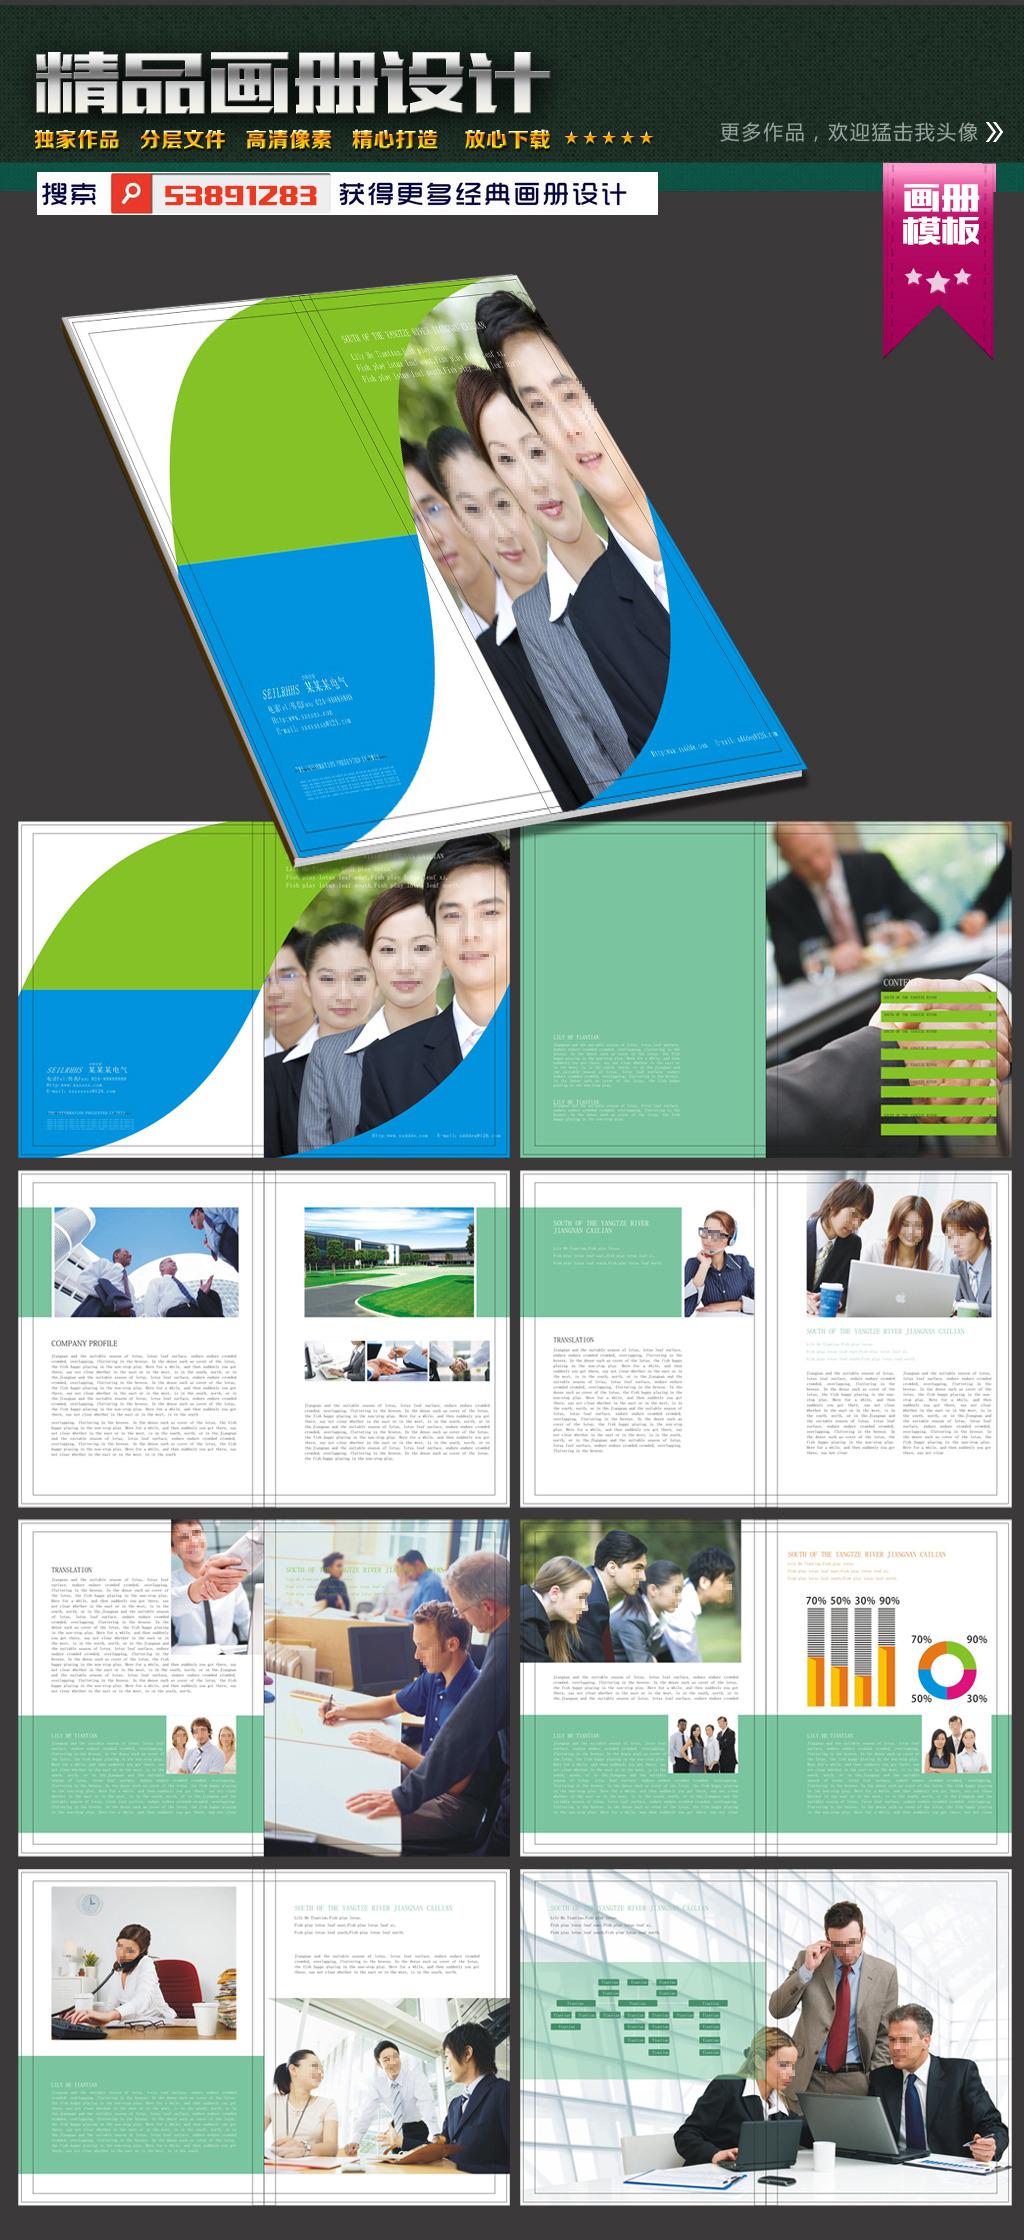 我图网提供精品流行企业文化形象画册设计素材下载,作品模板源文件可以编辑替换,设计作品简介: 企业文化形象画册设计 位图, CMYK格式高清大图,使用软件为 CorelDRAW X4(.cdr) 企业宣传文化形象蓝色画册模板下载 企业宣传文化形象蓝色画册图片下载